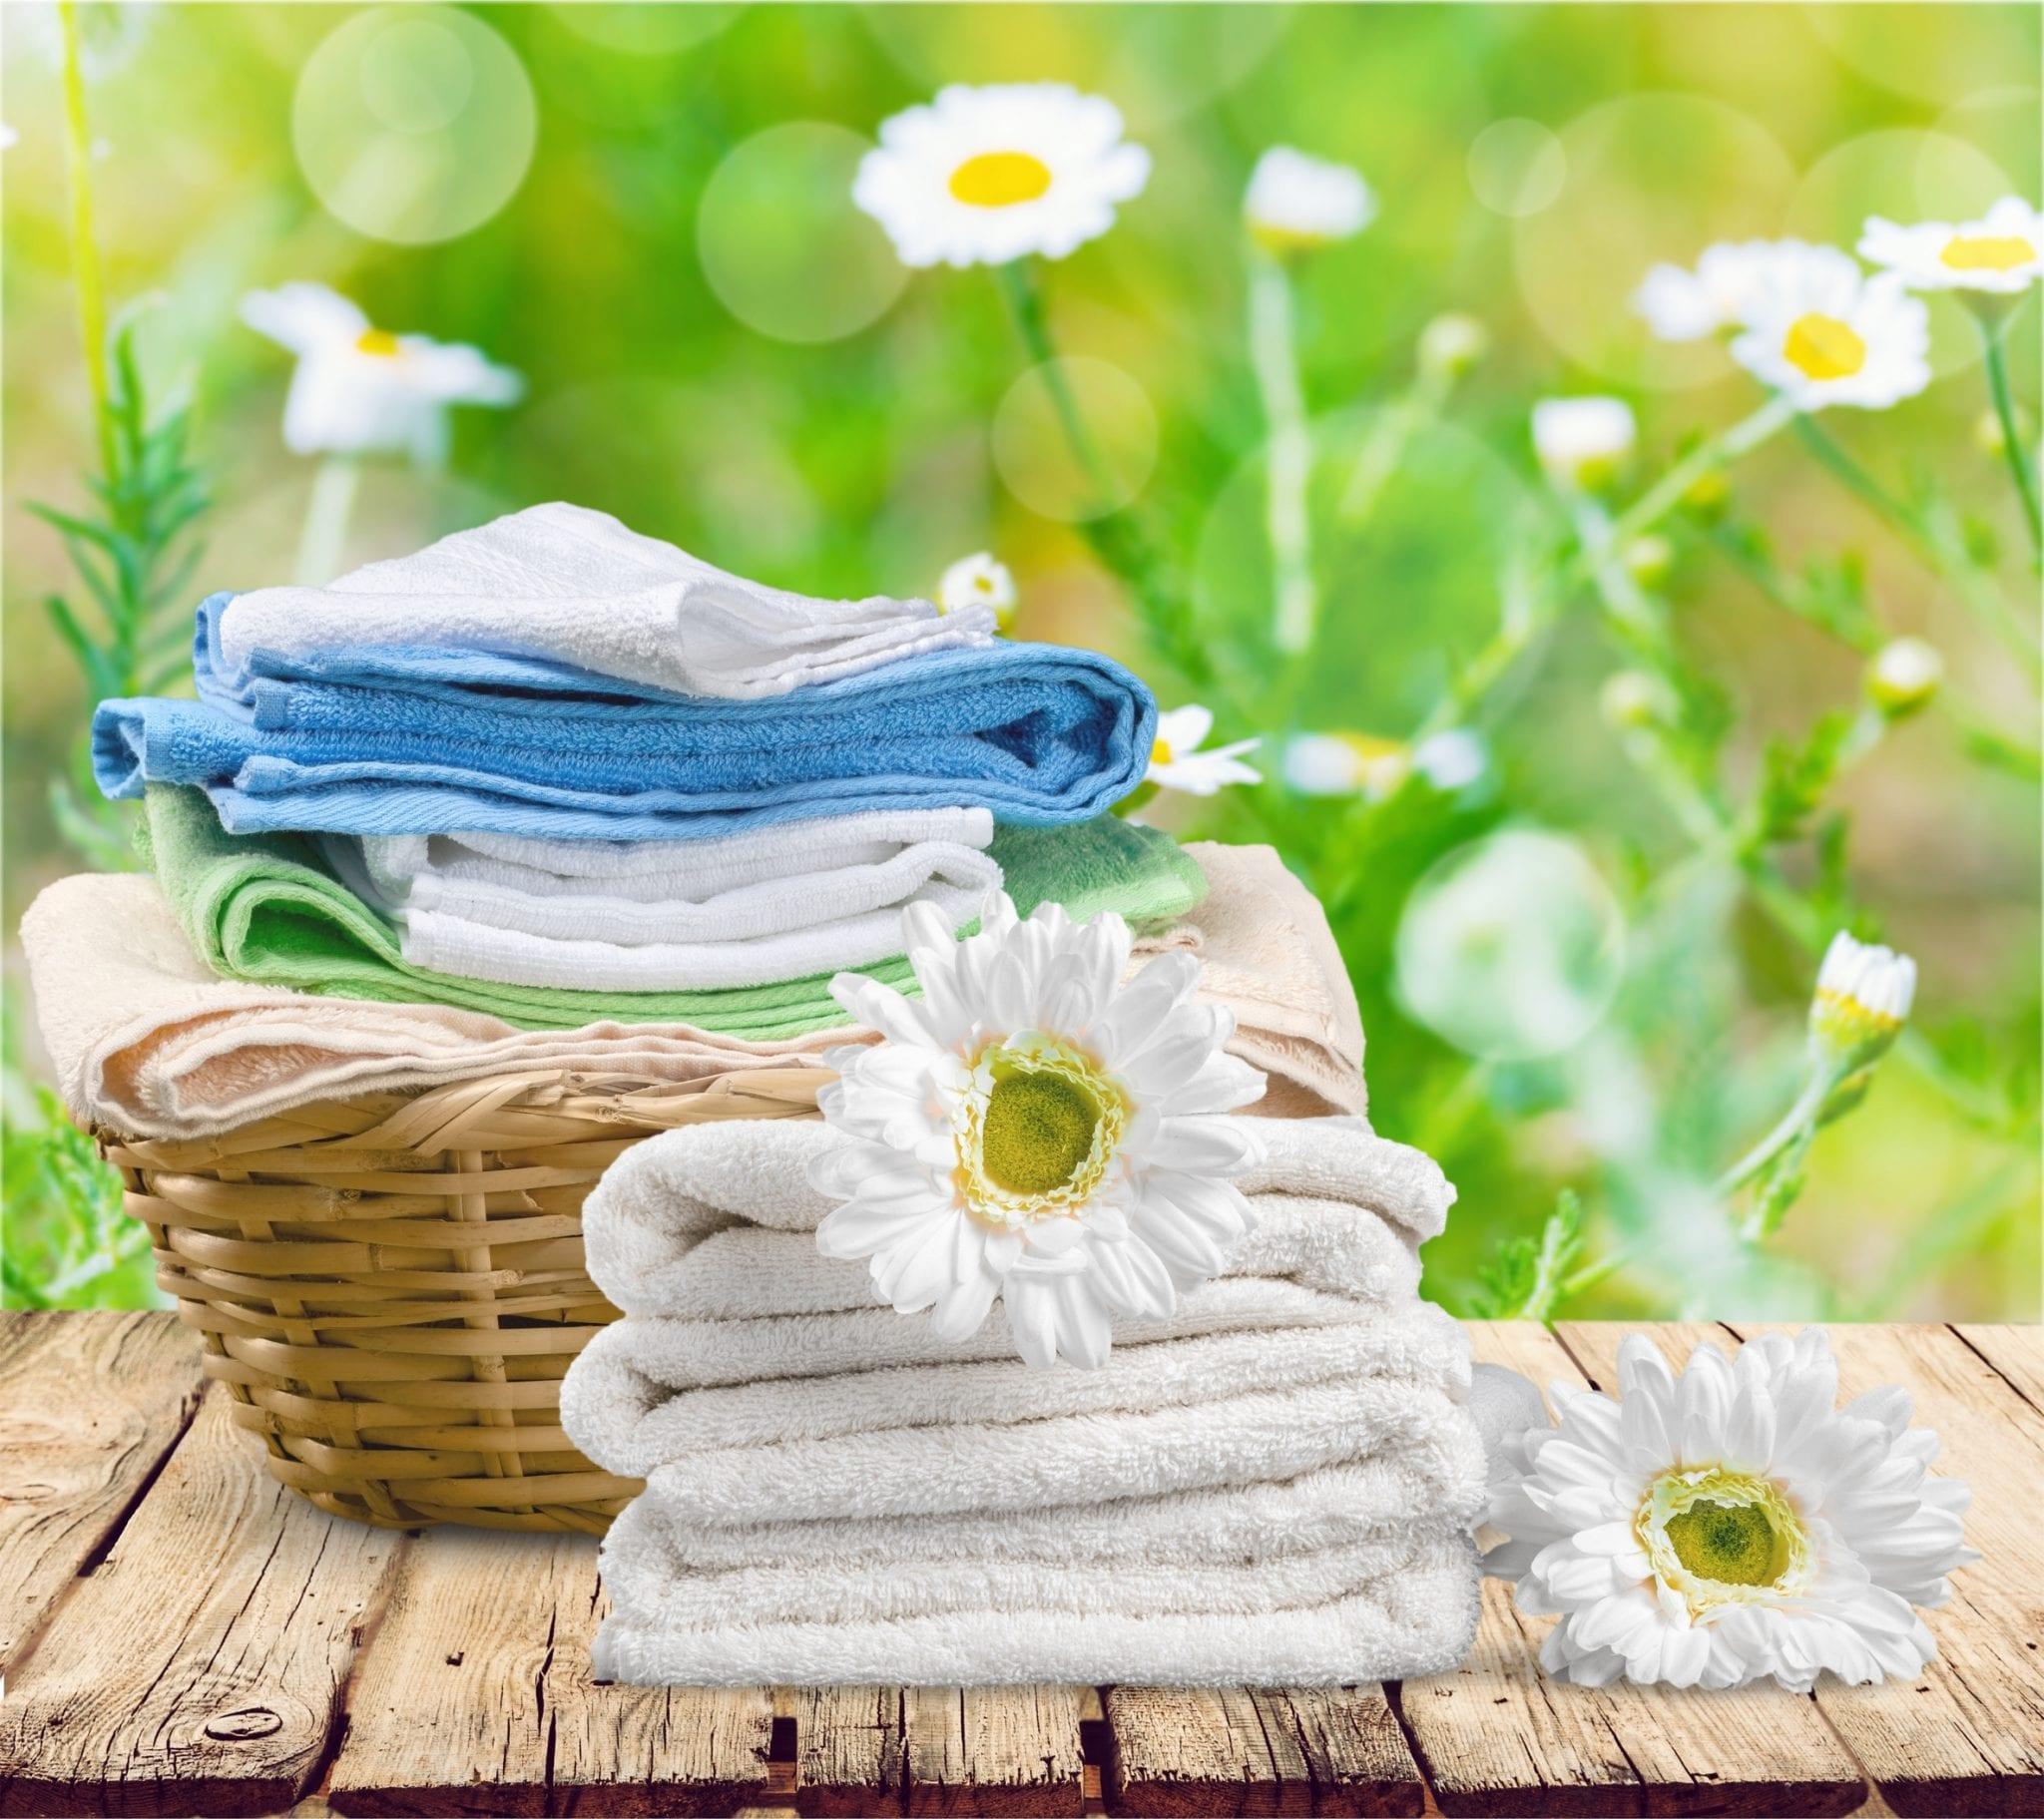 ๋ผลิตภัณฑ์ซัก อบ รีด ( Laundry Products)